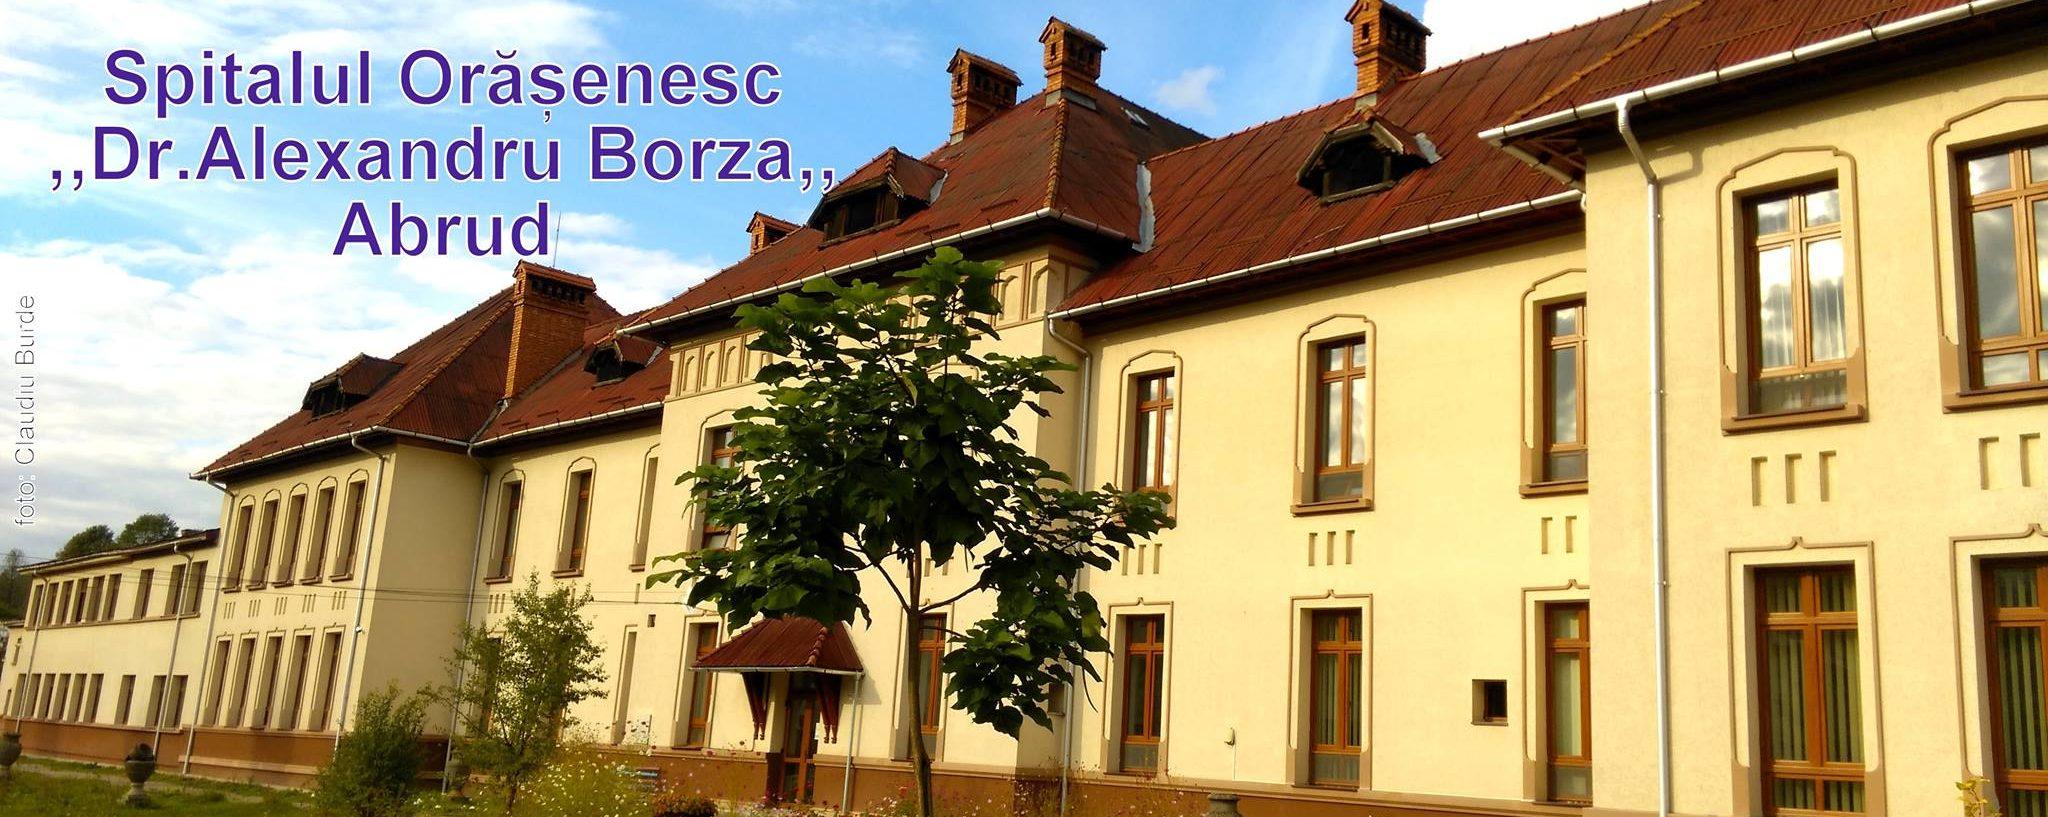 Spitalul Orășenesc Dr.Alexandru Borza Abrud